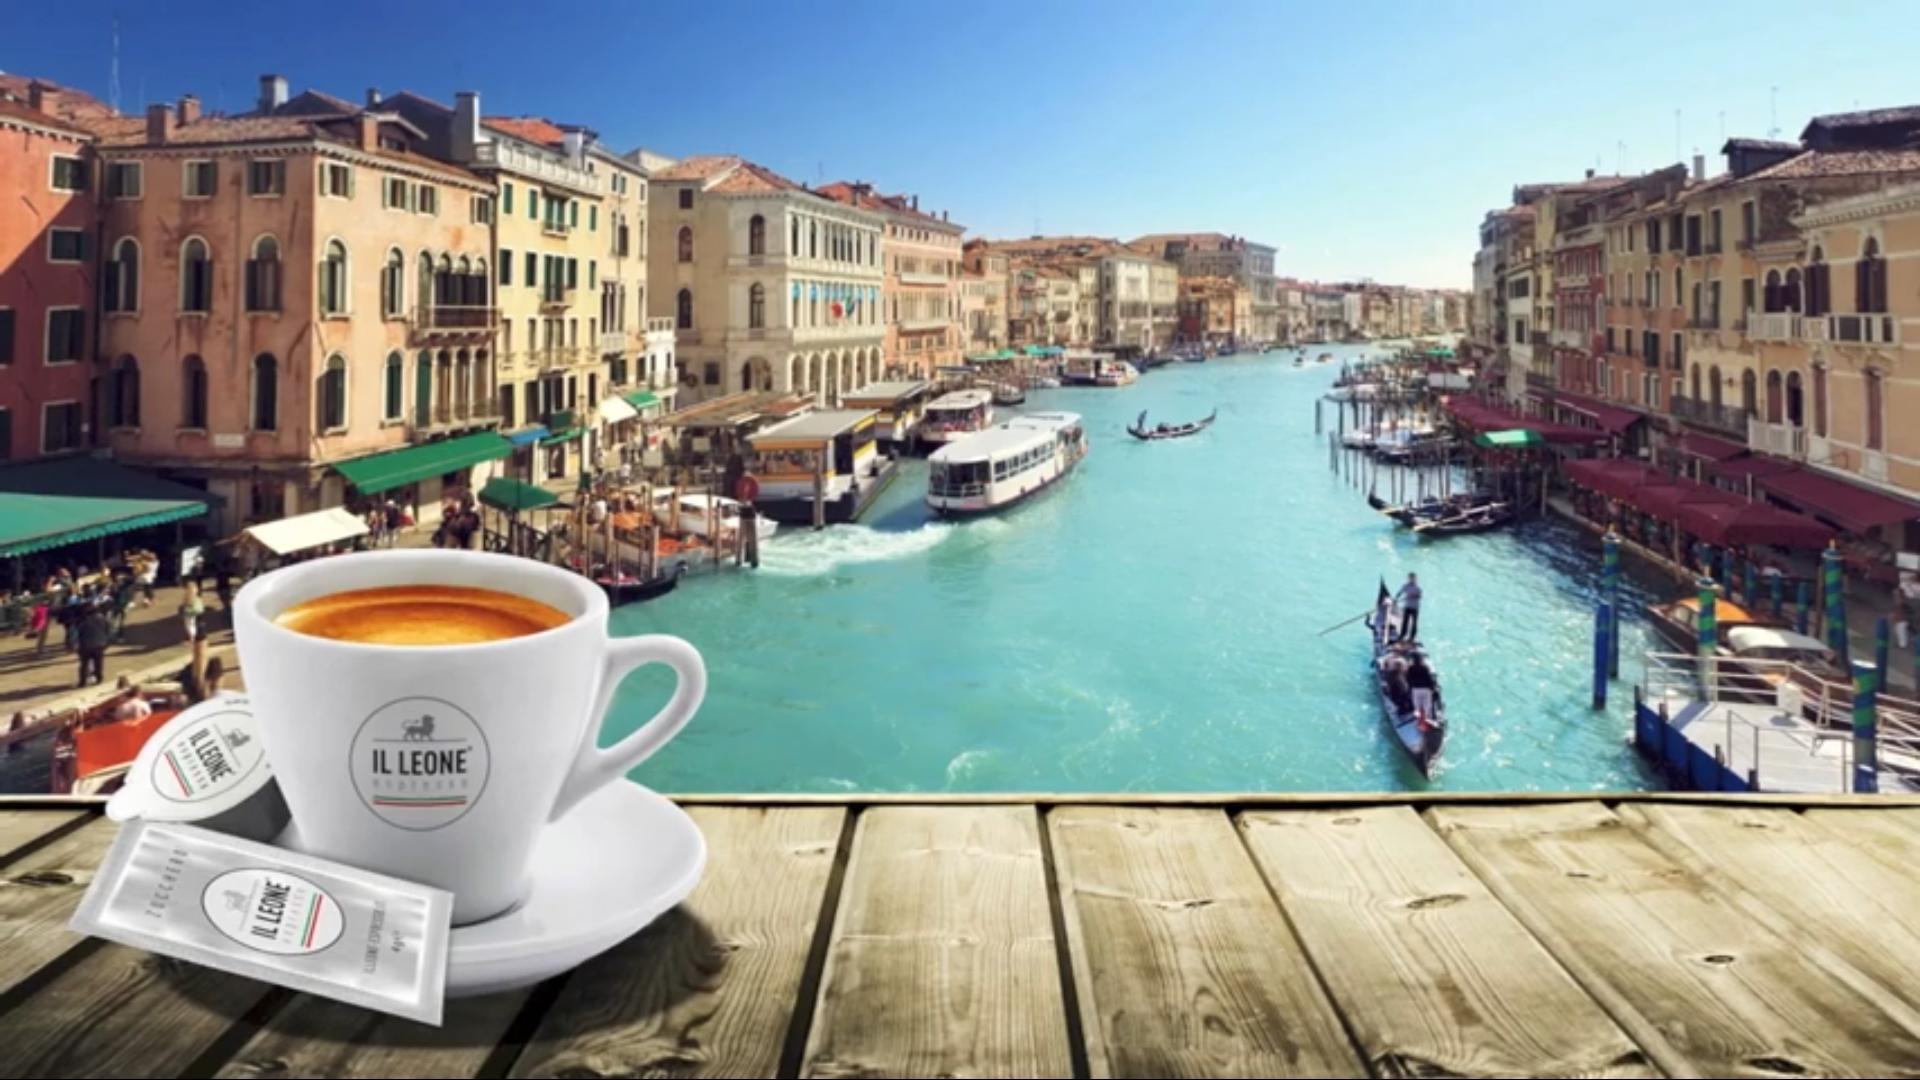 Koffie en koffiebonen